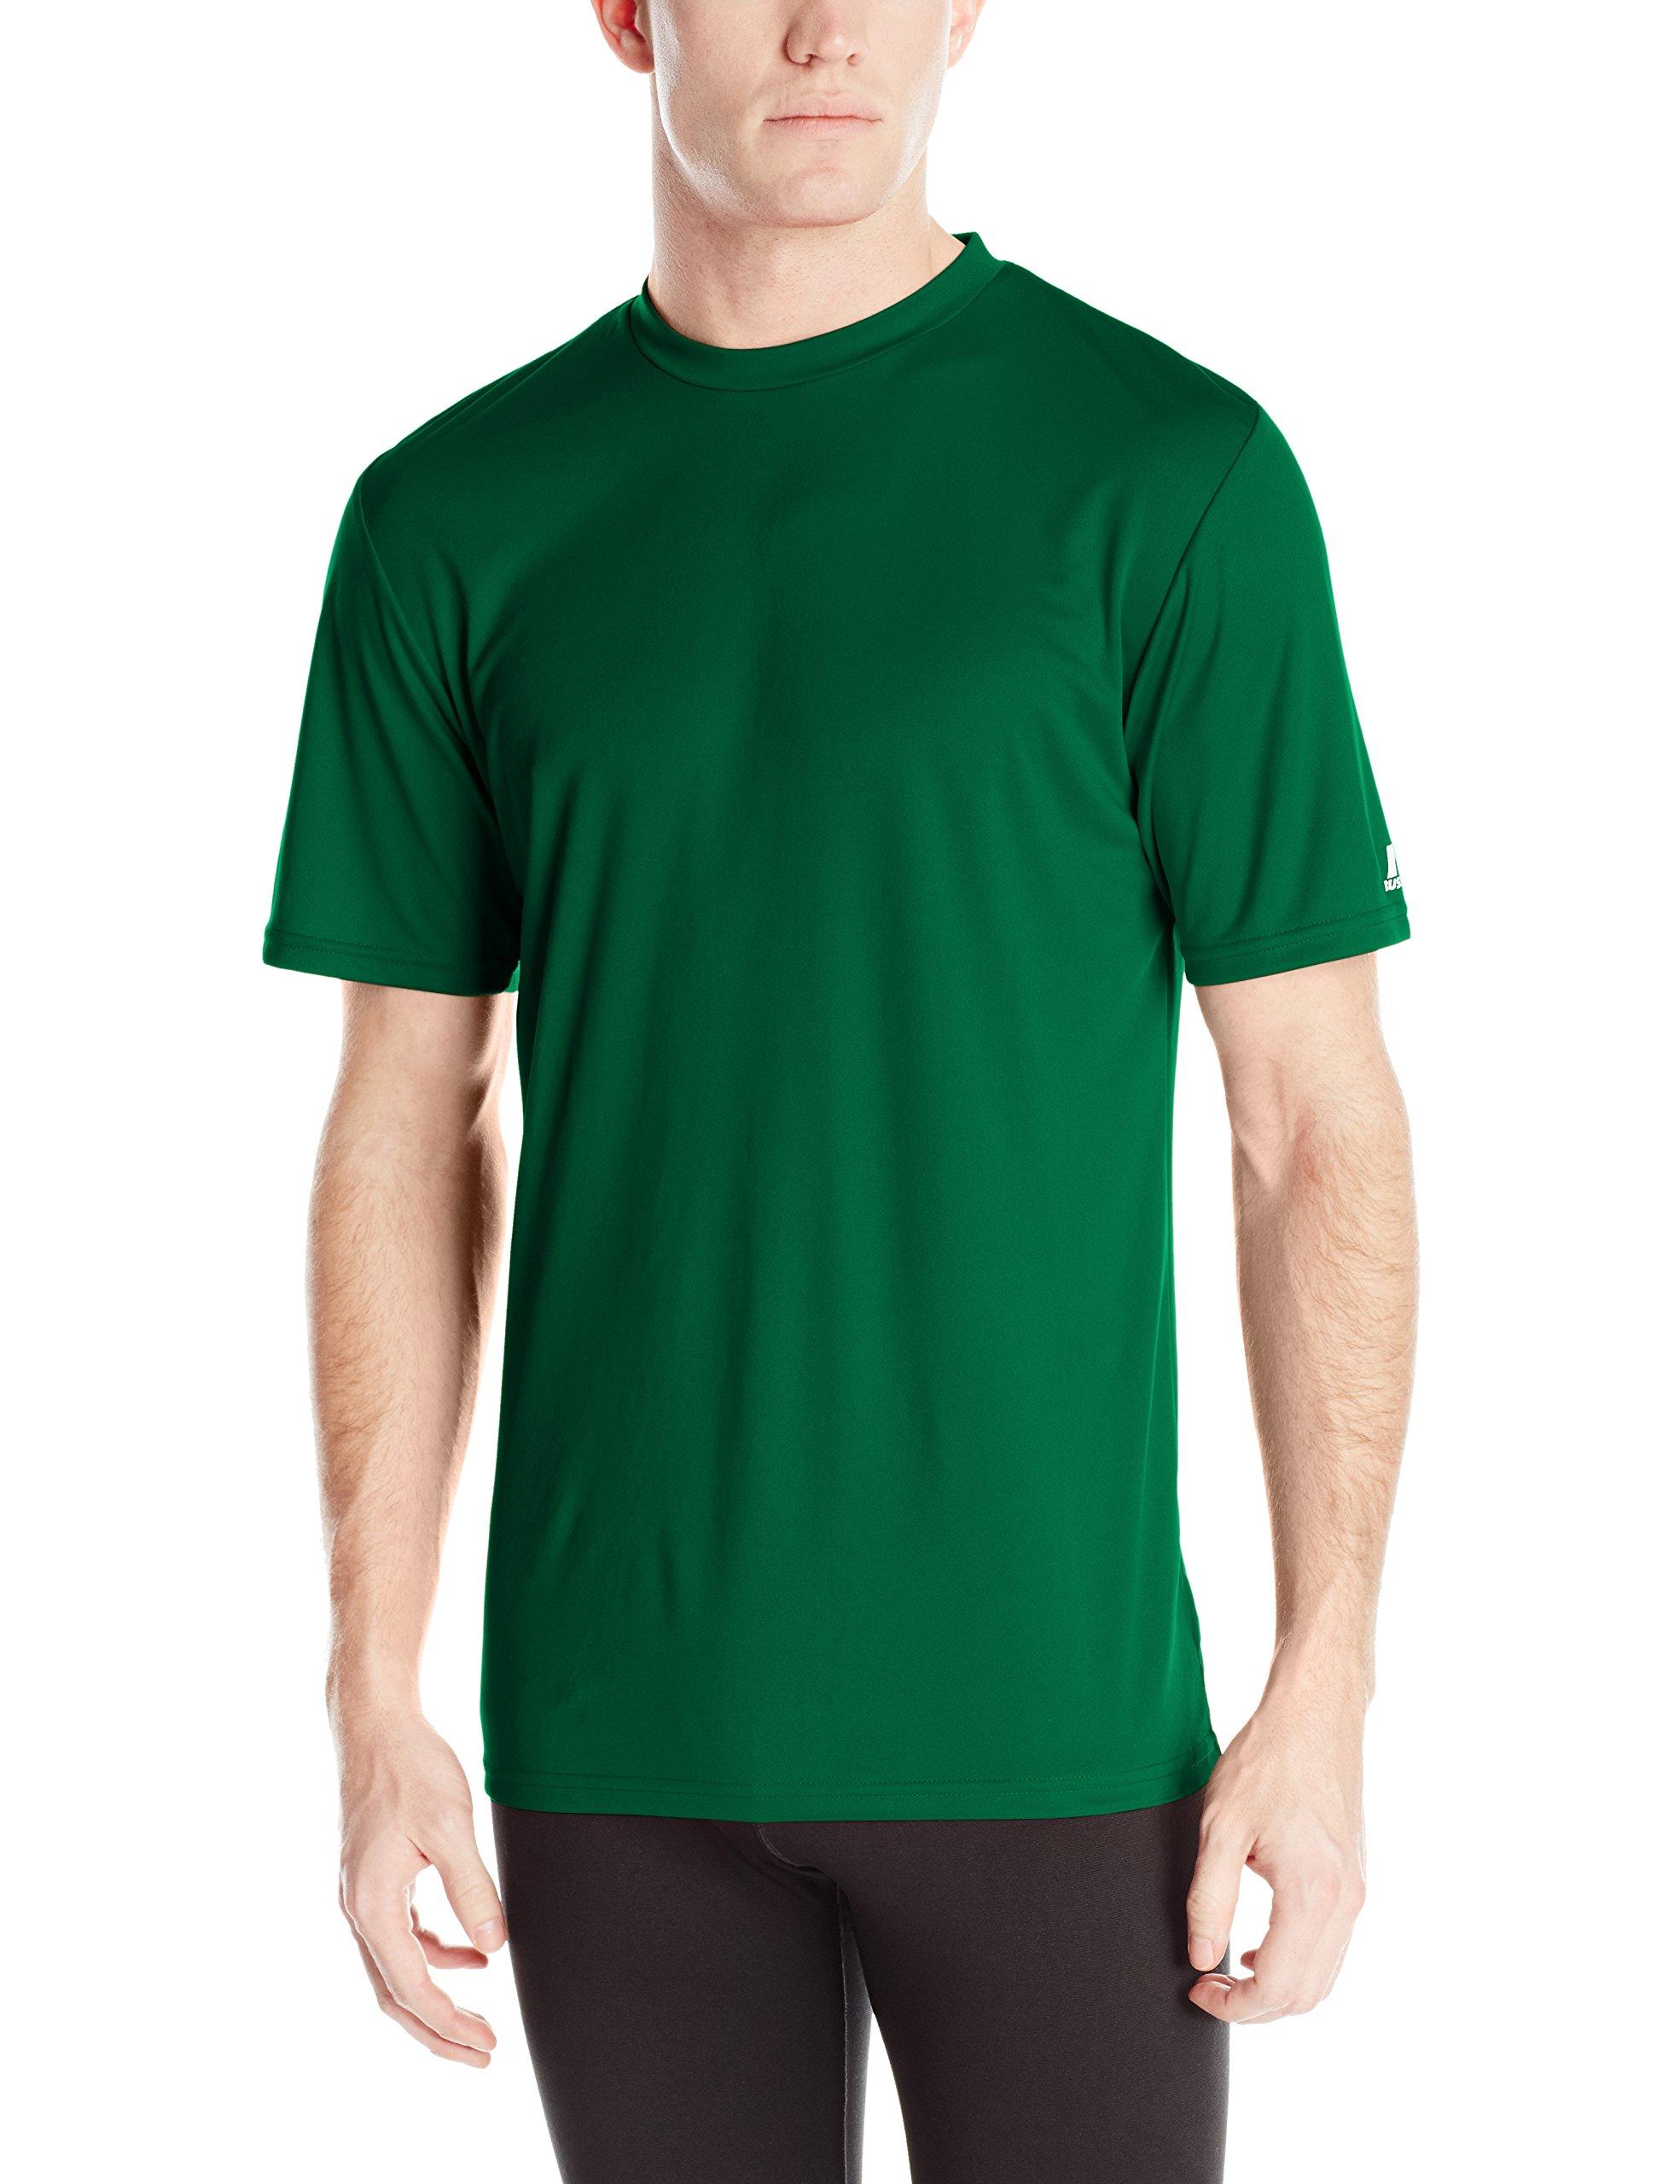 Russell Athletic Men's Performance T-Shirt, Dark Green, Medium